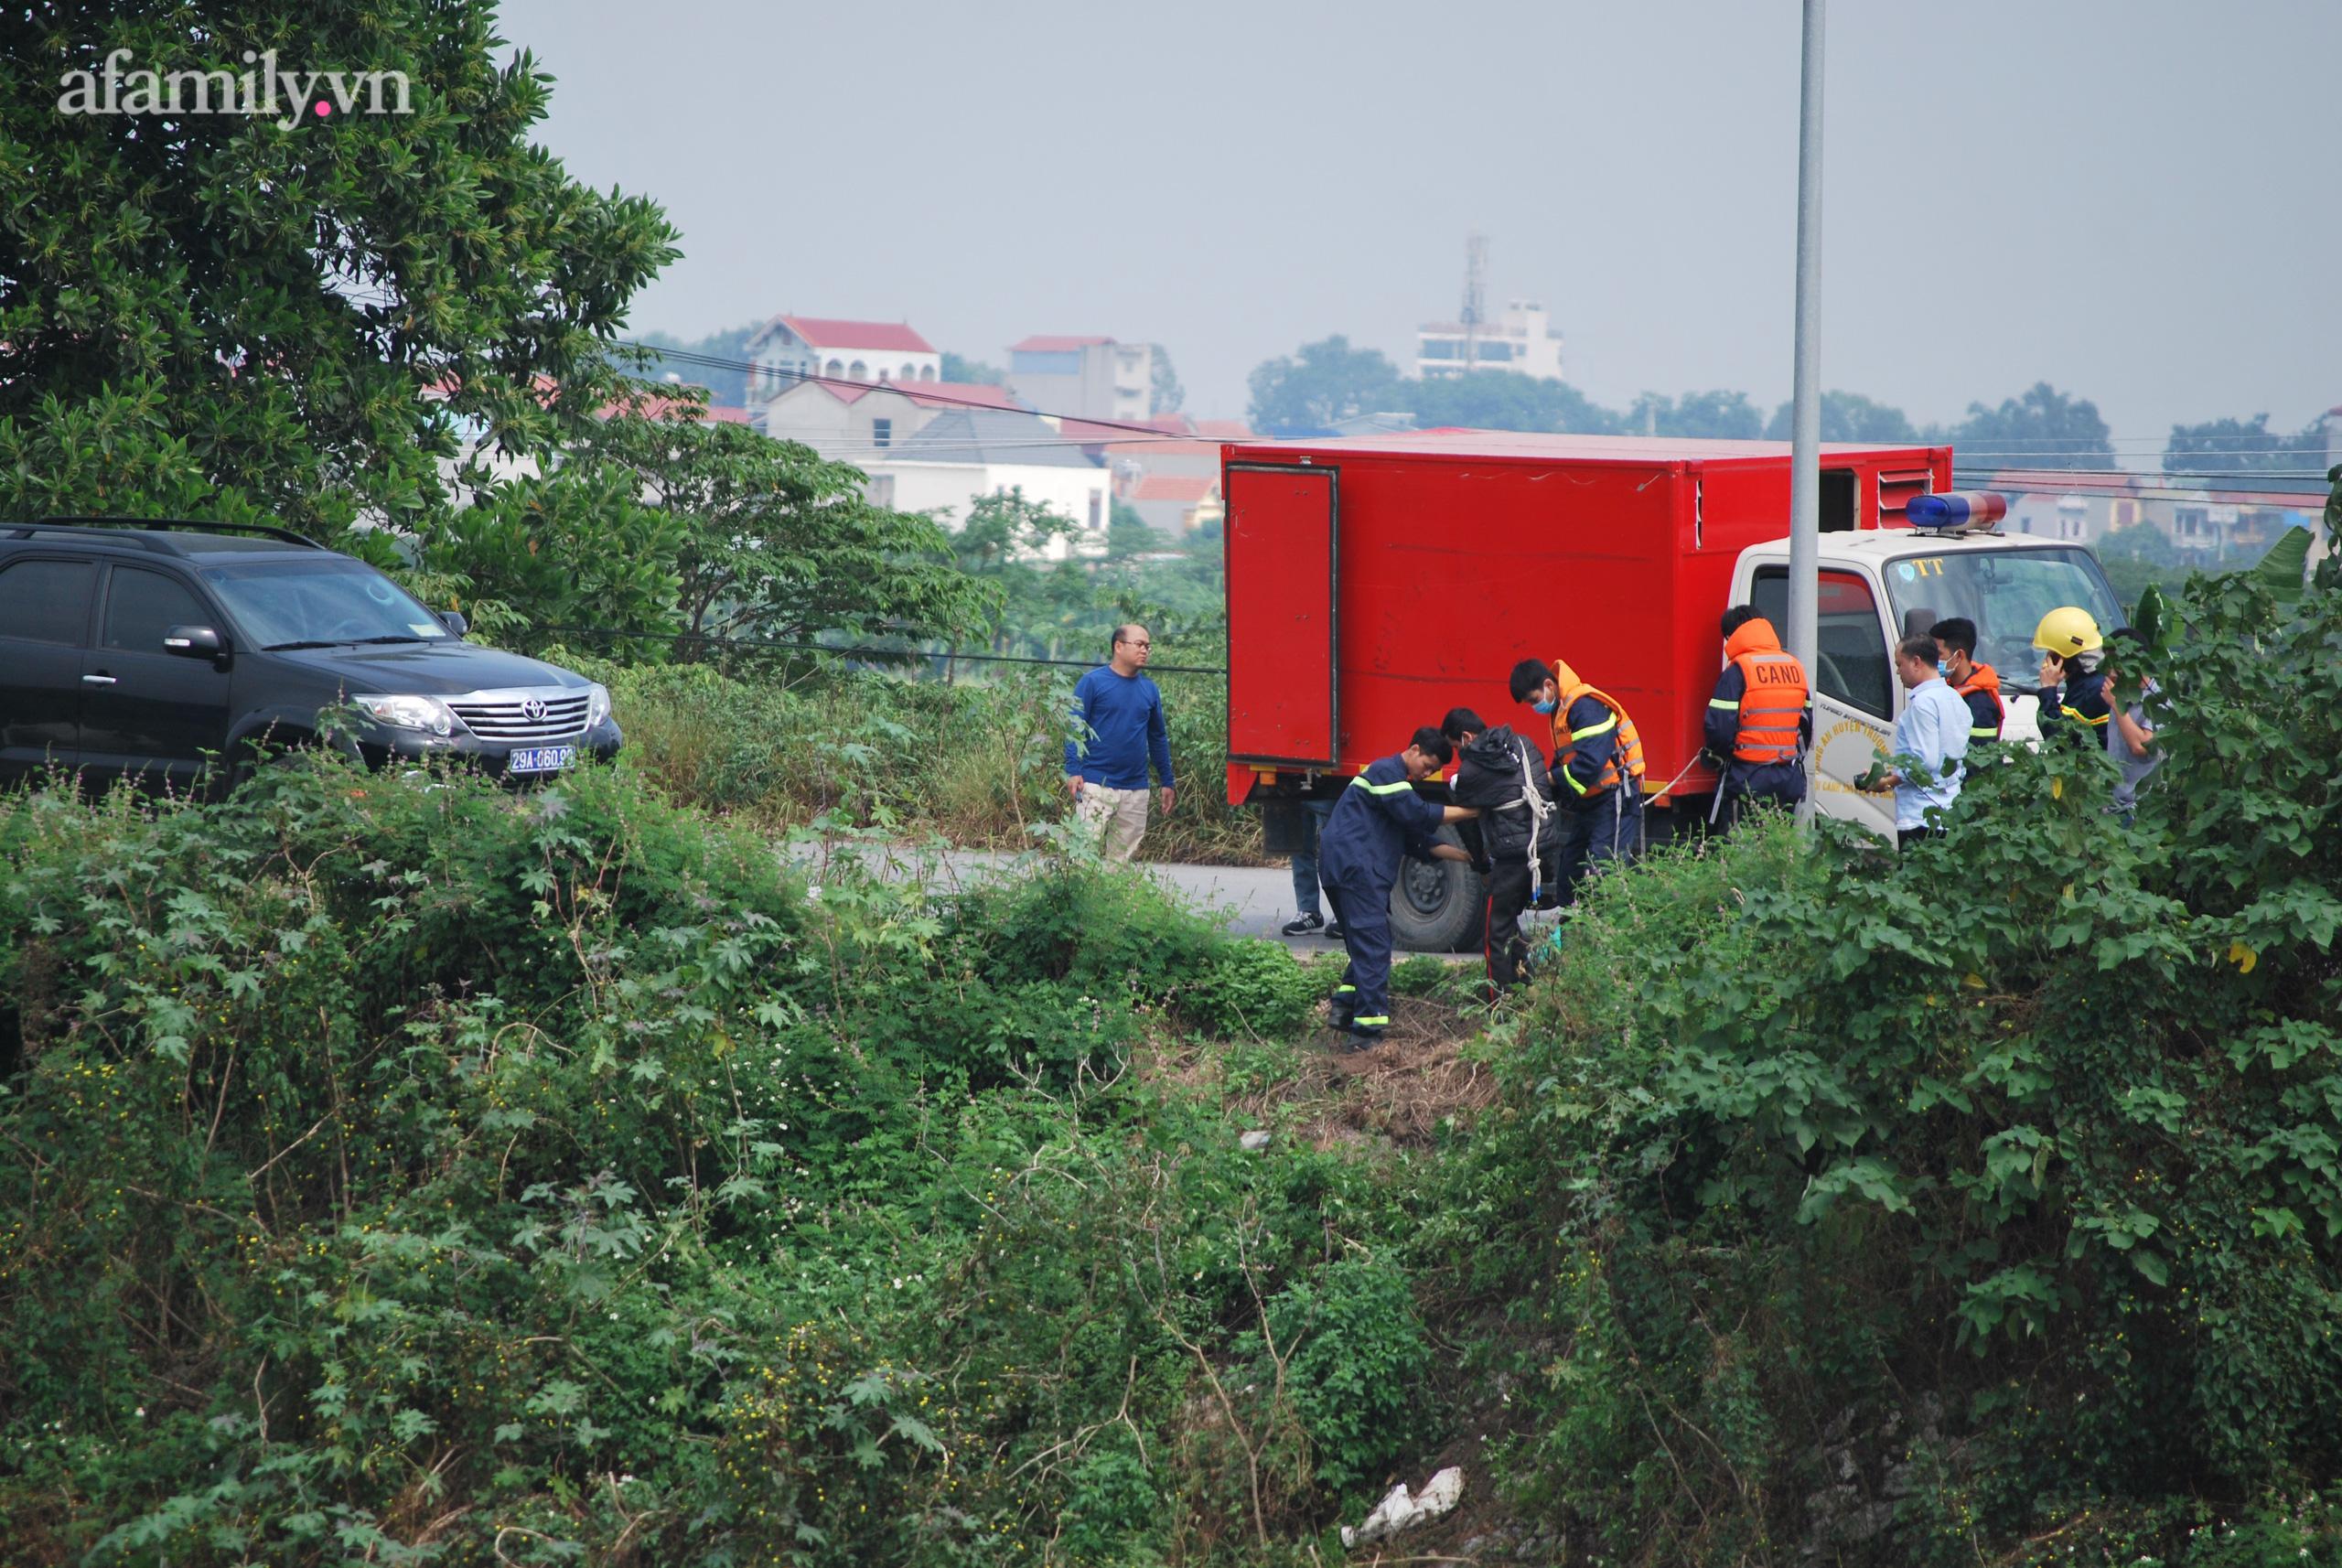 Vụ phát hiện thi thể nữ sinh ở Hà Nội:2 đối tượng đã thực hiện cướp điện thoại rồi đẩy nạn nhân xuống sông - Ảnh 7.